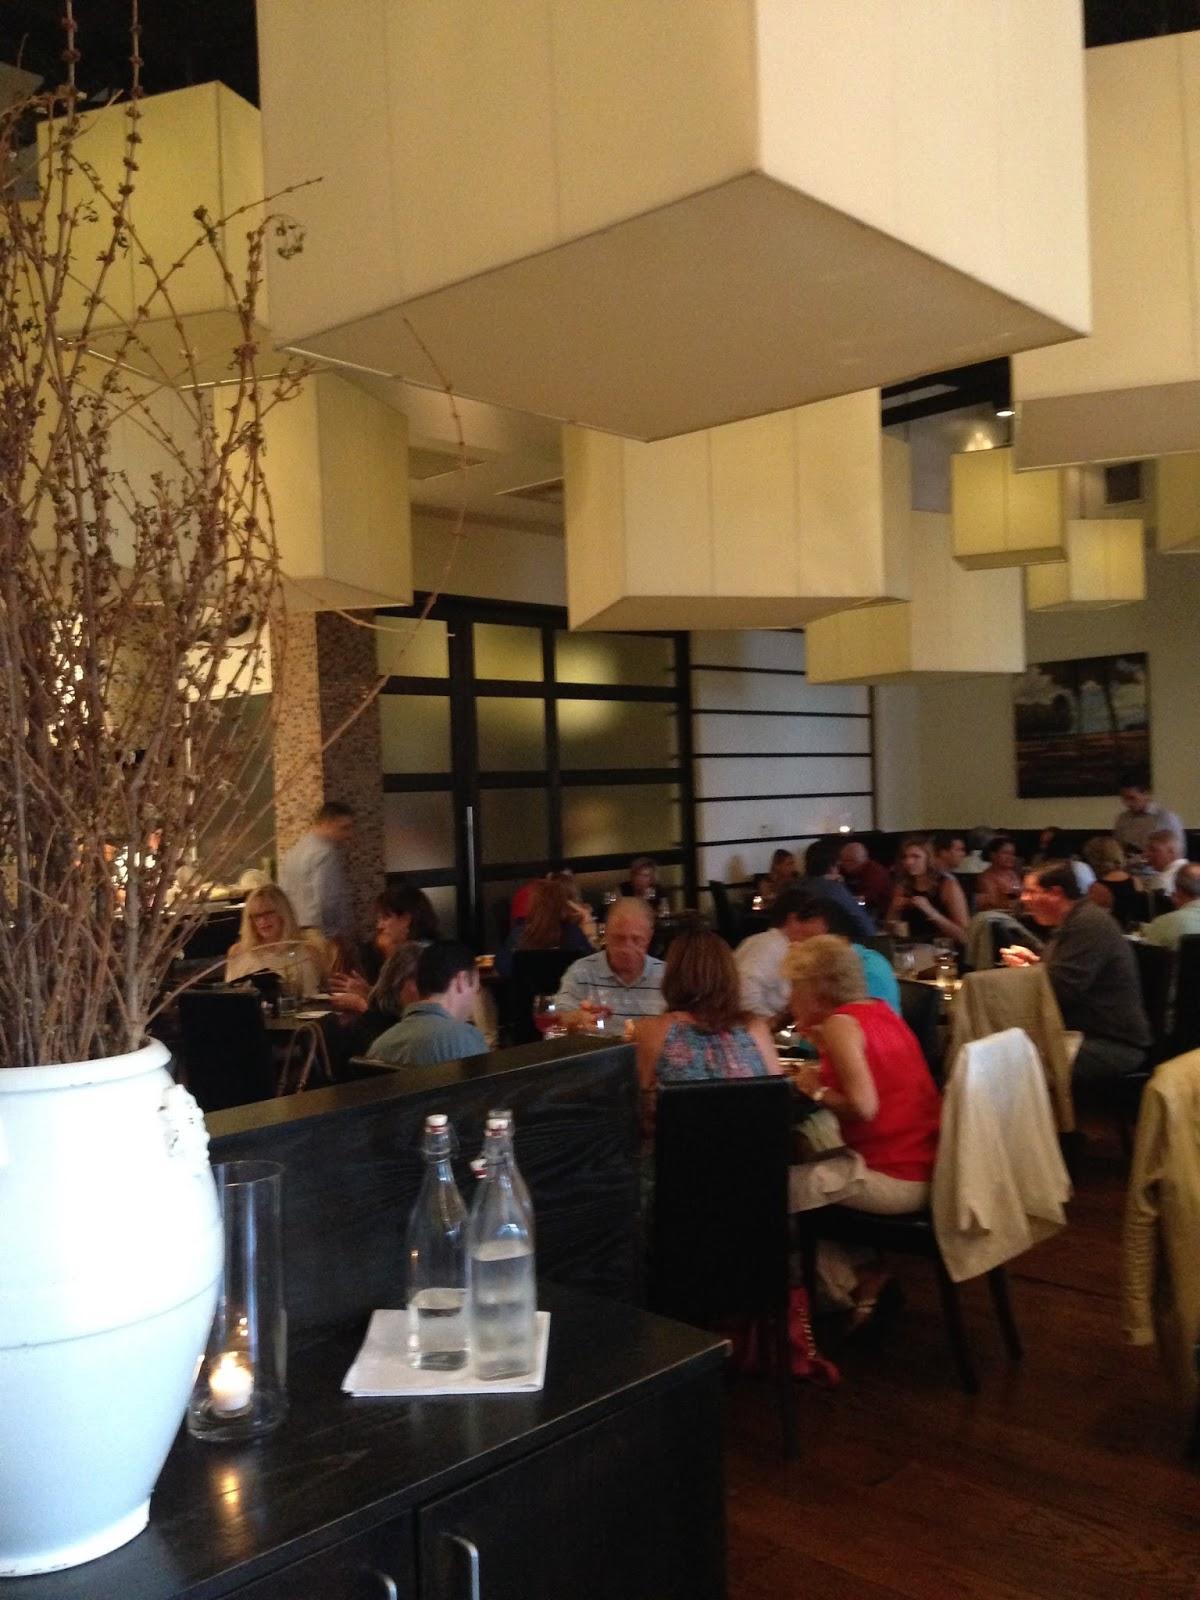 Restaurants In North Hills Raleigh Nc Best